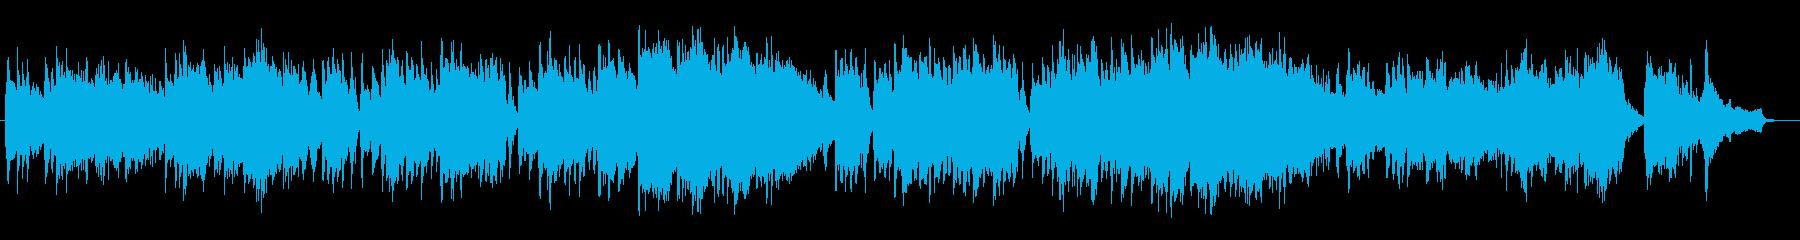 ドラマティックで切ないピアノ曲の再生済みの波形